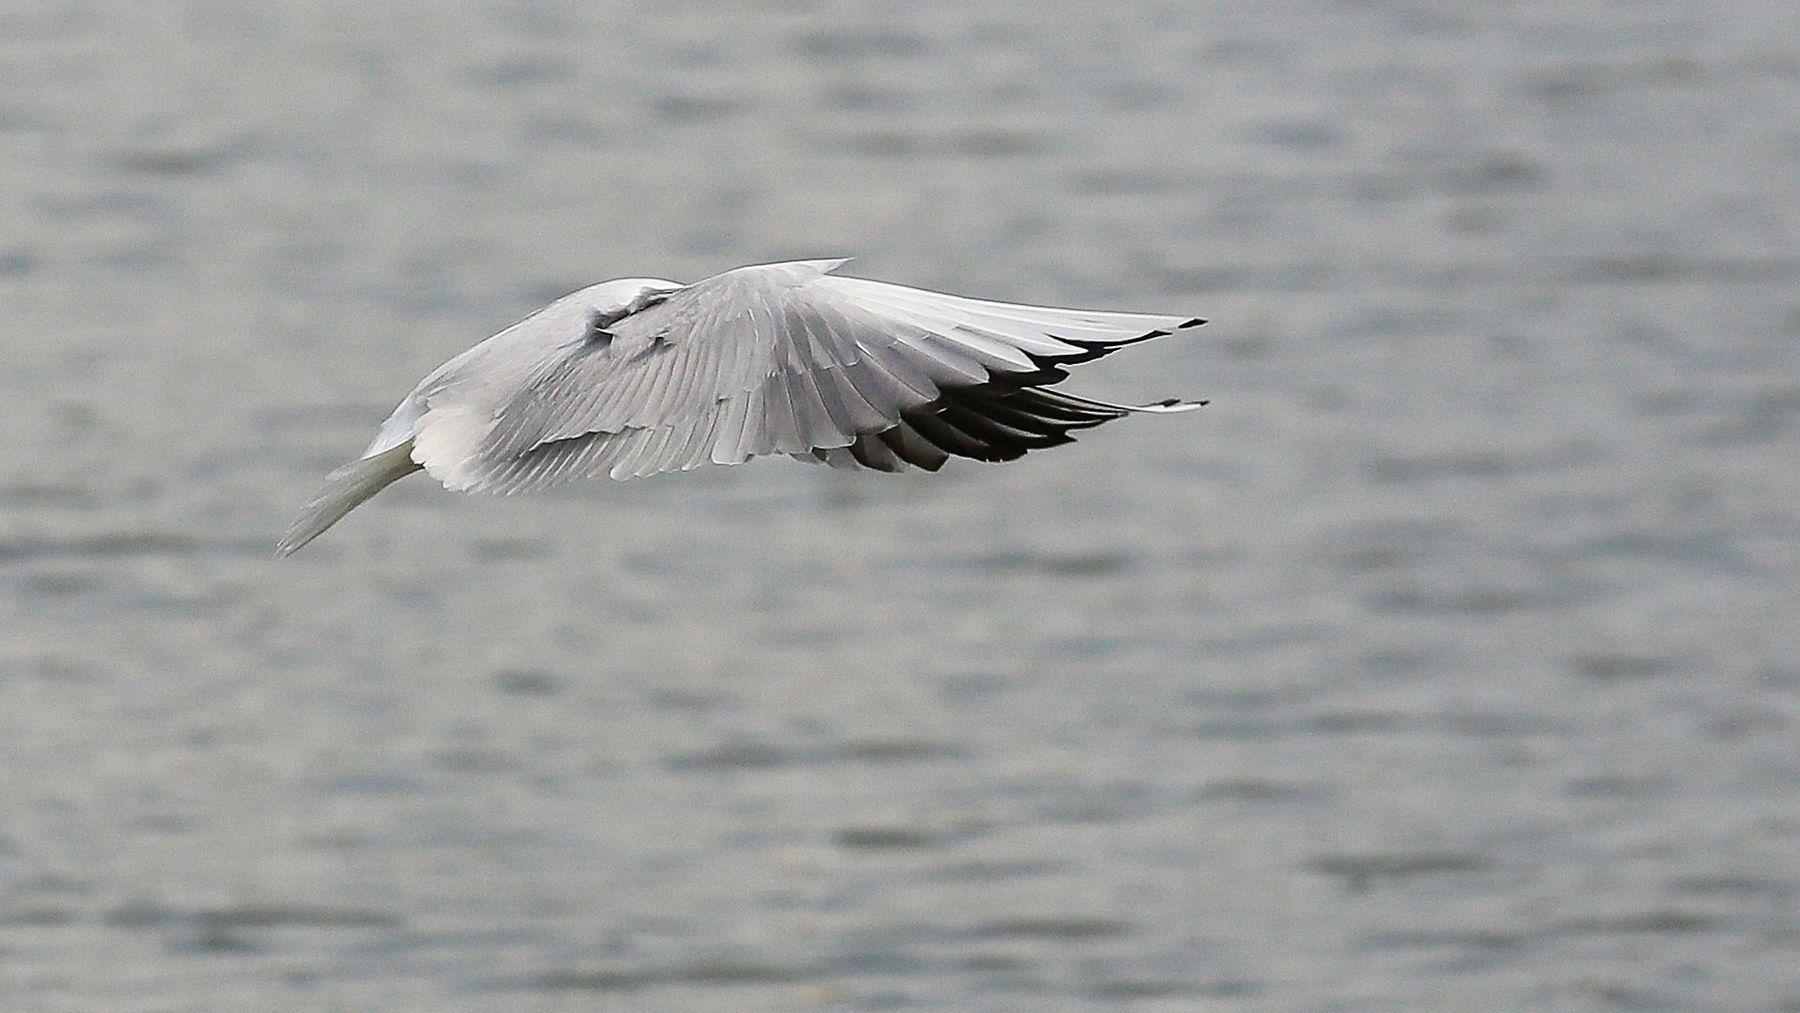 от белого к чёрному / природный градиент серого озёрная чайка птицы Chroicocephalus ridibundus